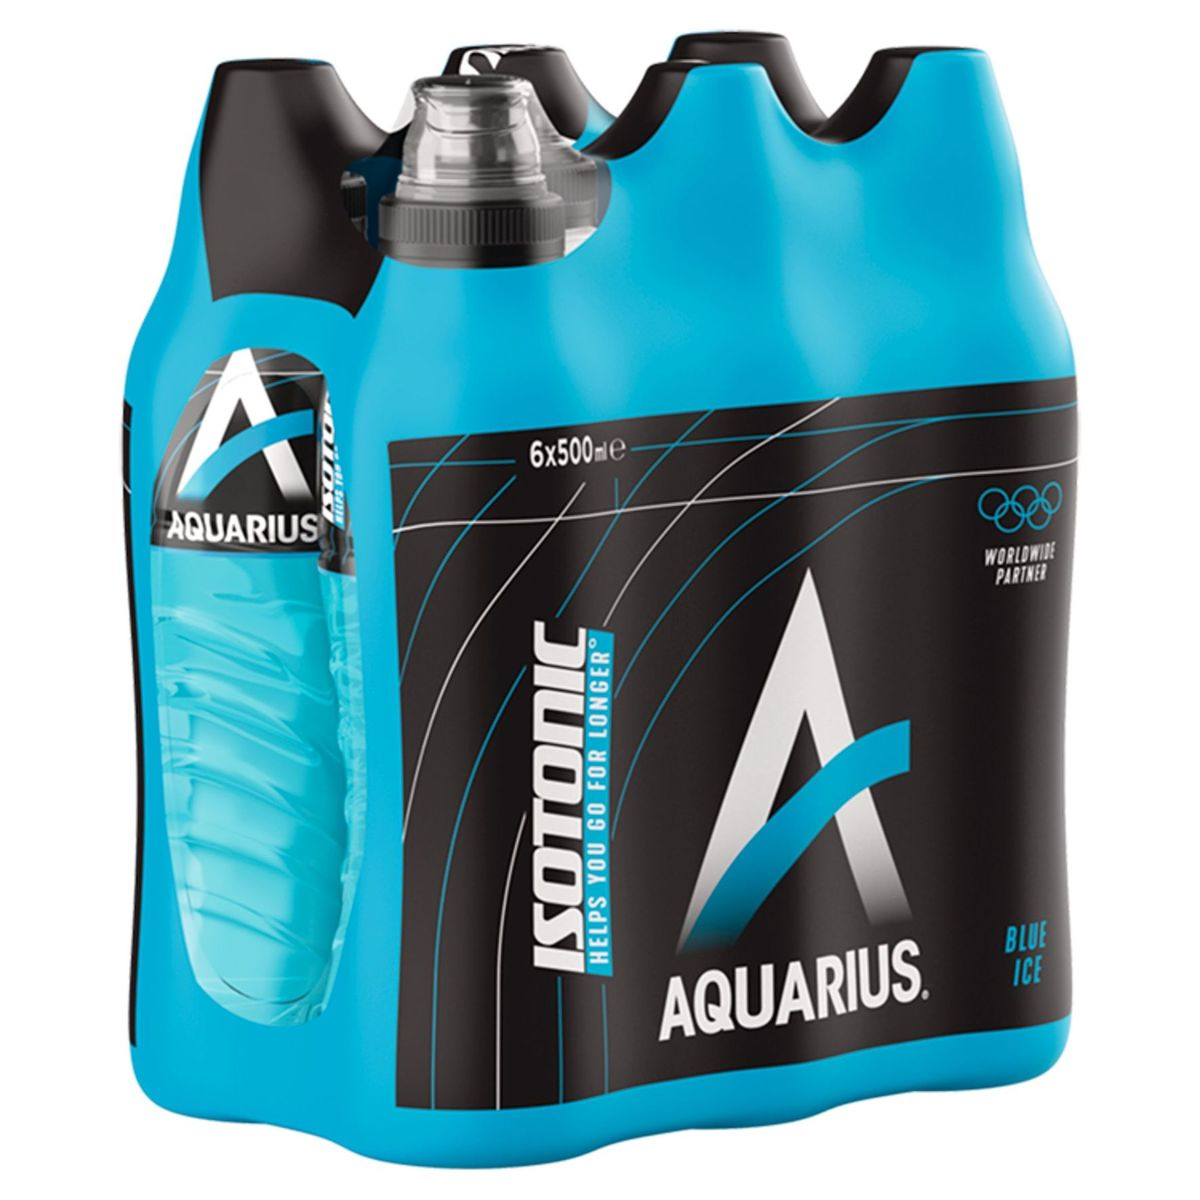 Aquarius Isotonic Blue Ice Pet 6 x 0.50 L